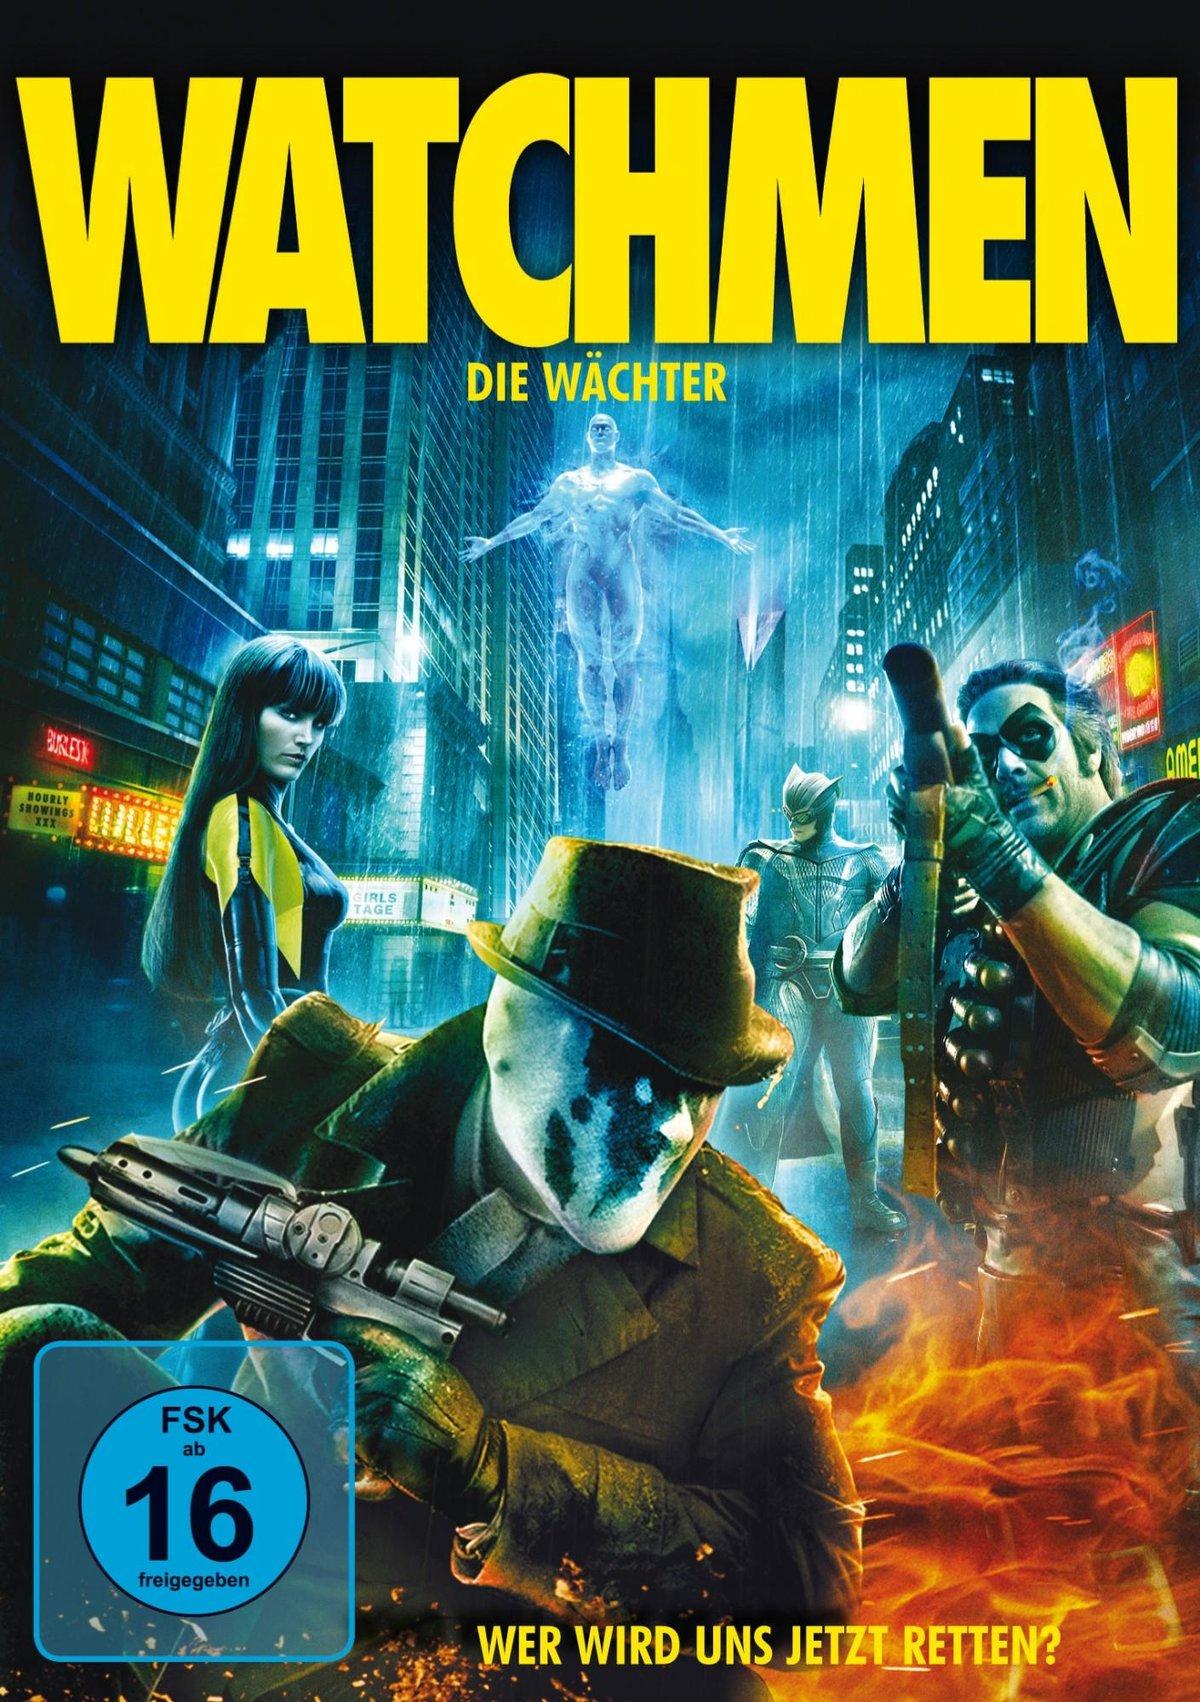 Bild Watchmen - Die Wächter (2009)